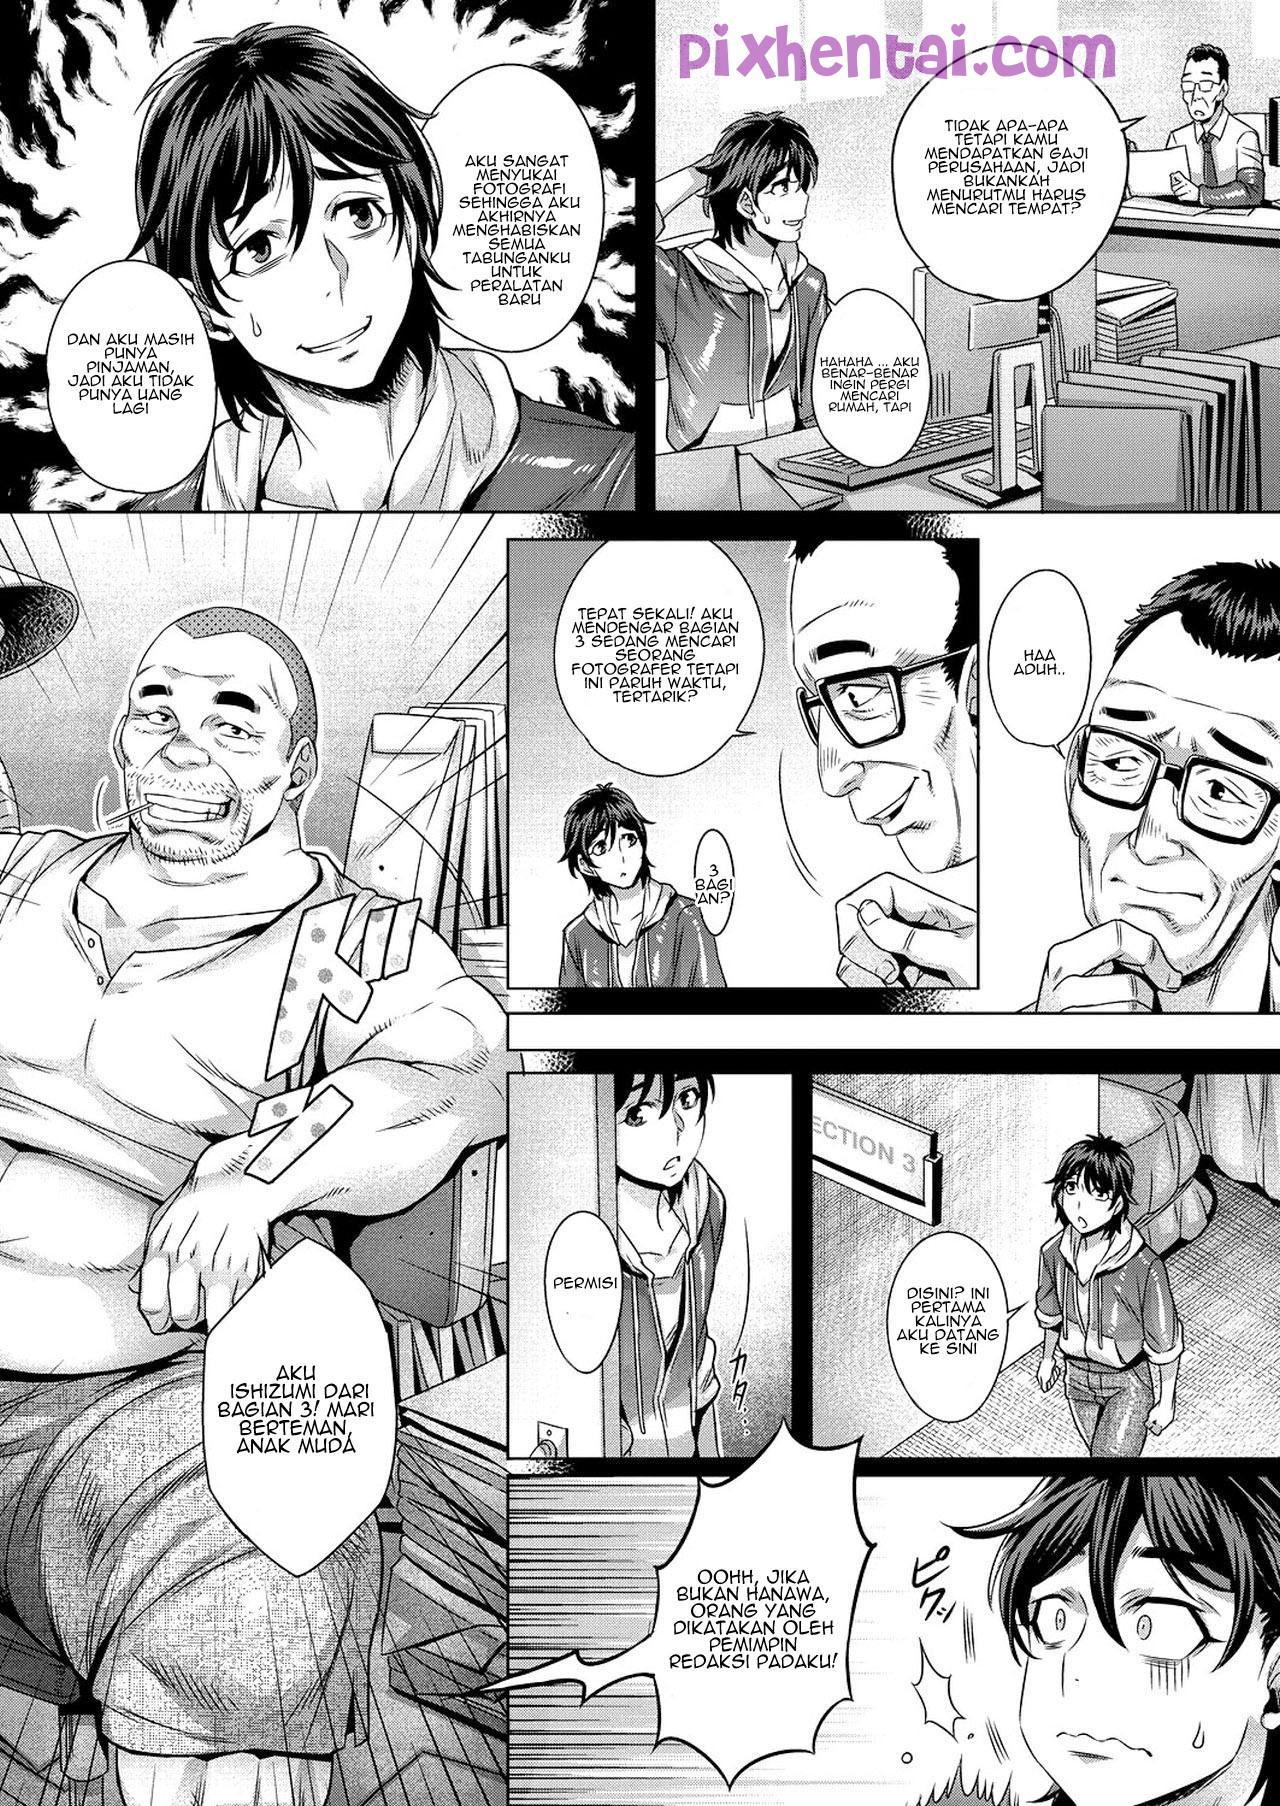 Komik hentai xxx manga sex bokep ibu kost montok dientot fotografer 07